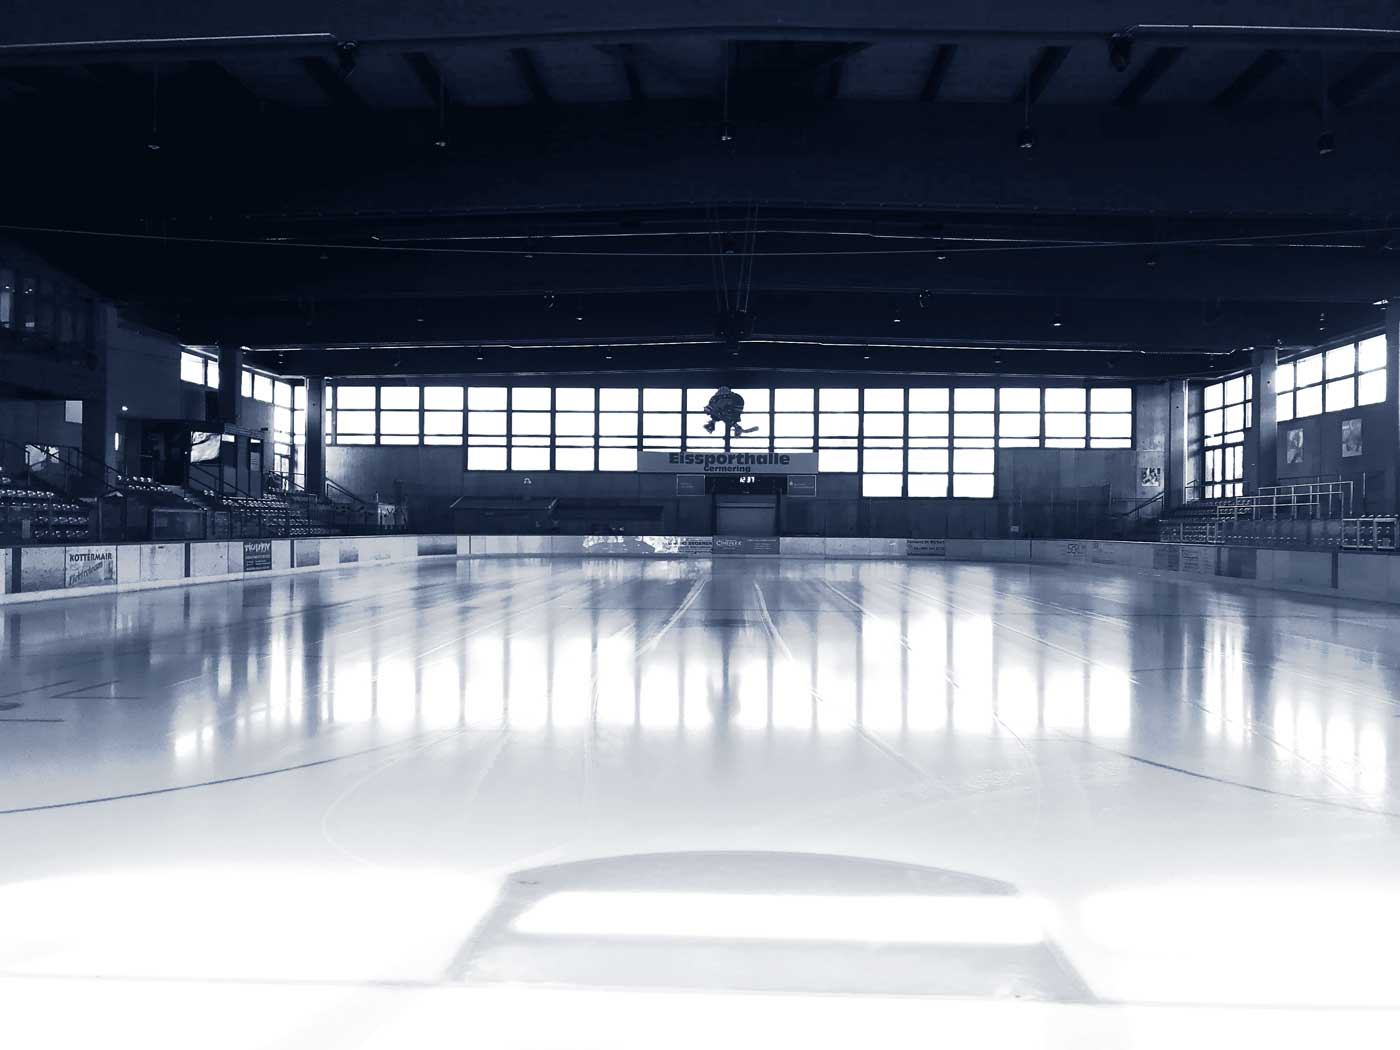 Bestes Eis und optimale Bedingungen für Sportler und Freizeitläufer auf Germering Kunsteisbahn im Polariom.